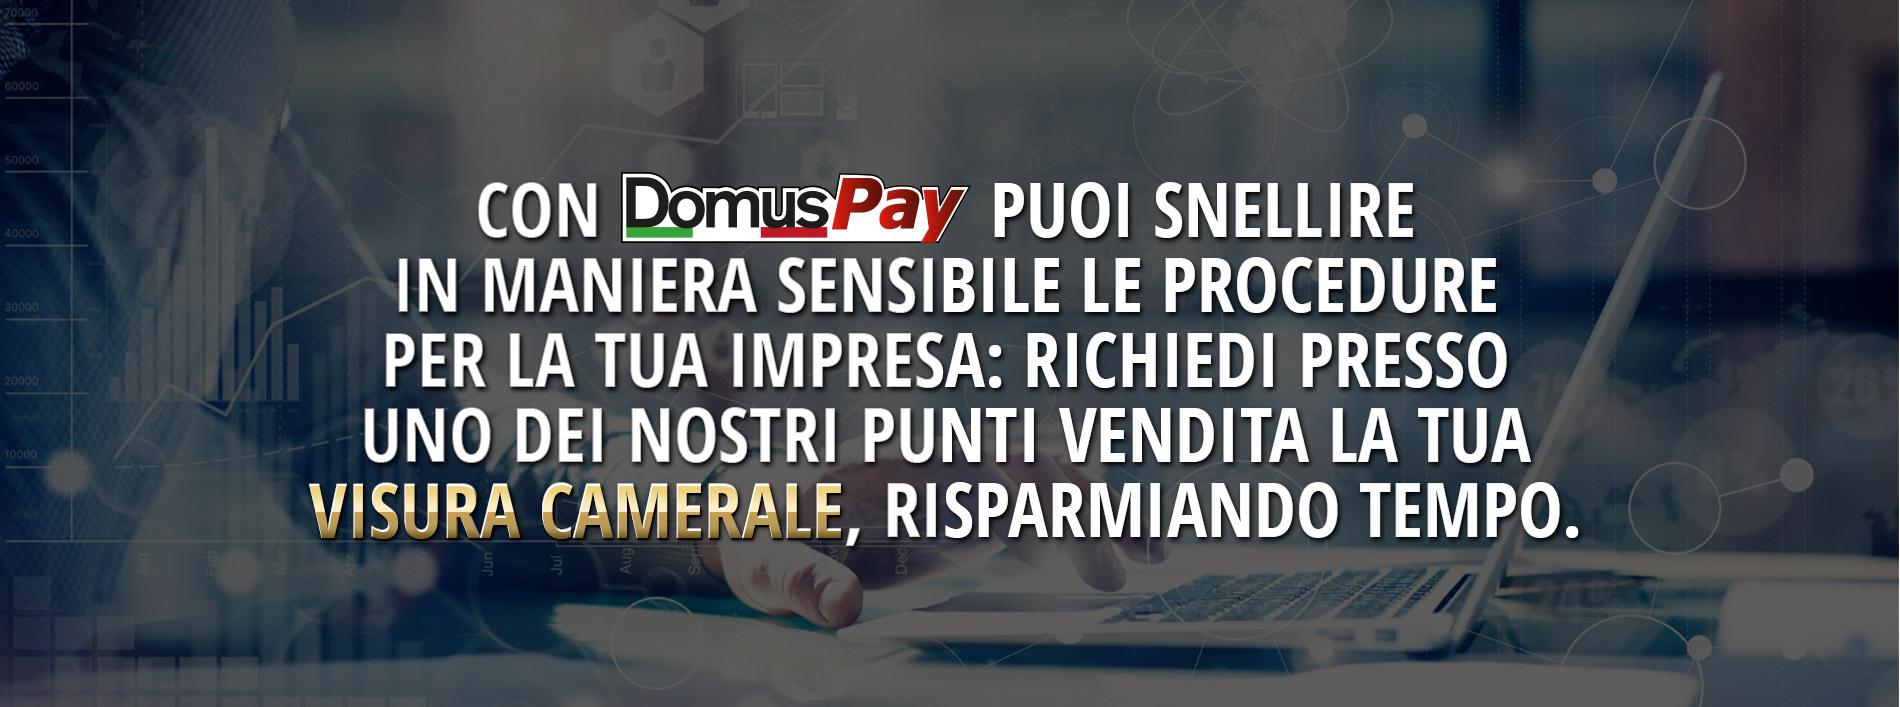 slide_Domuspay_5